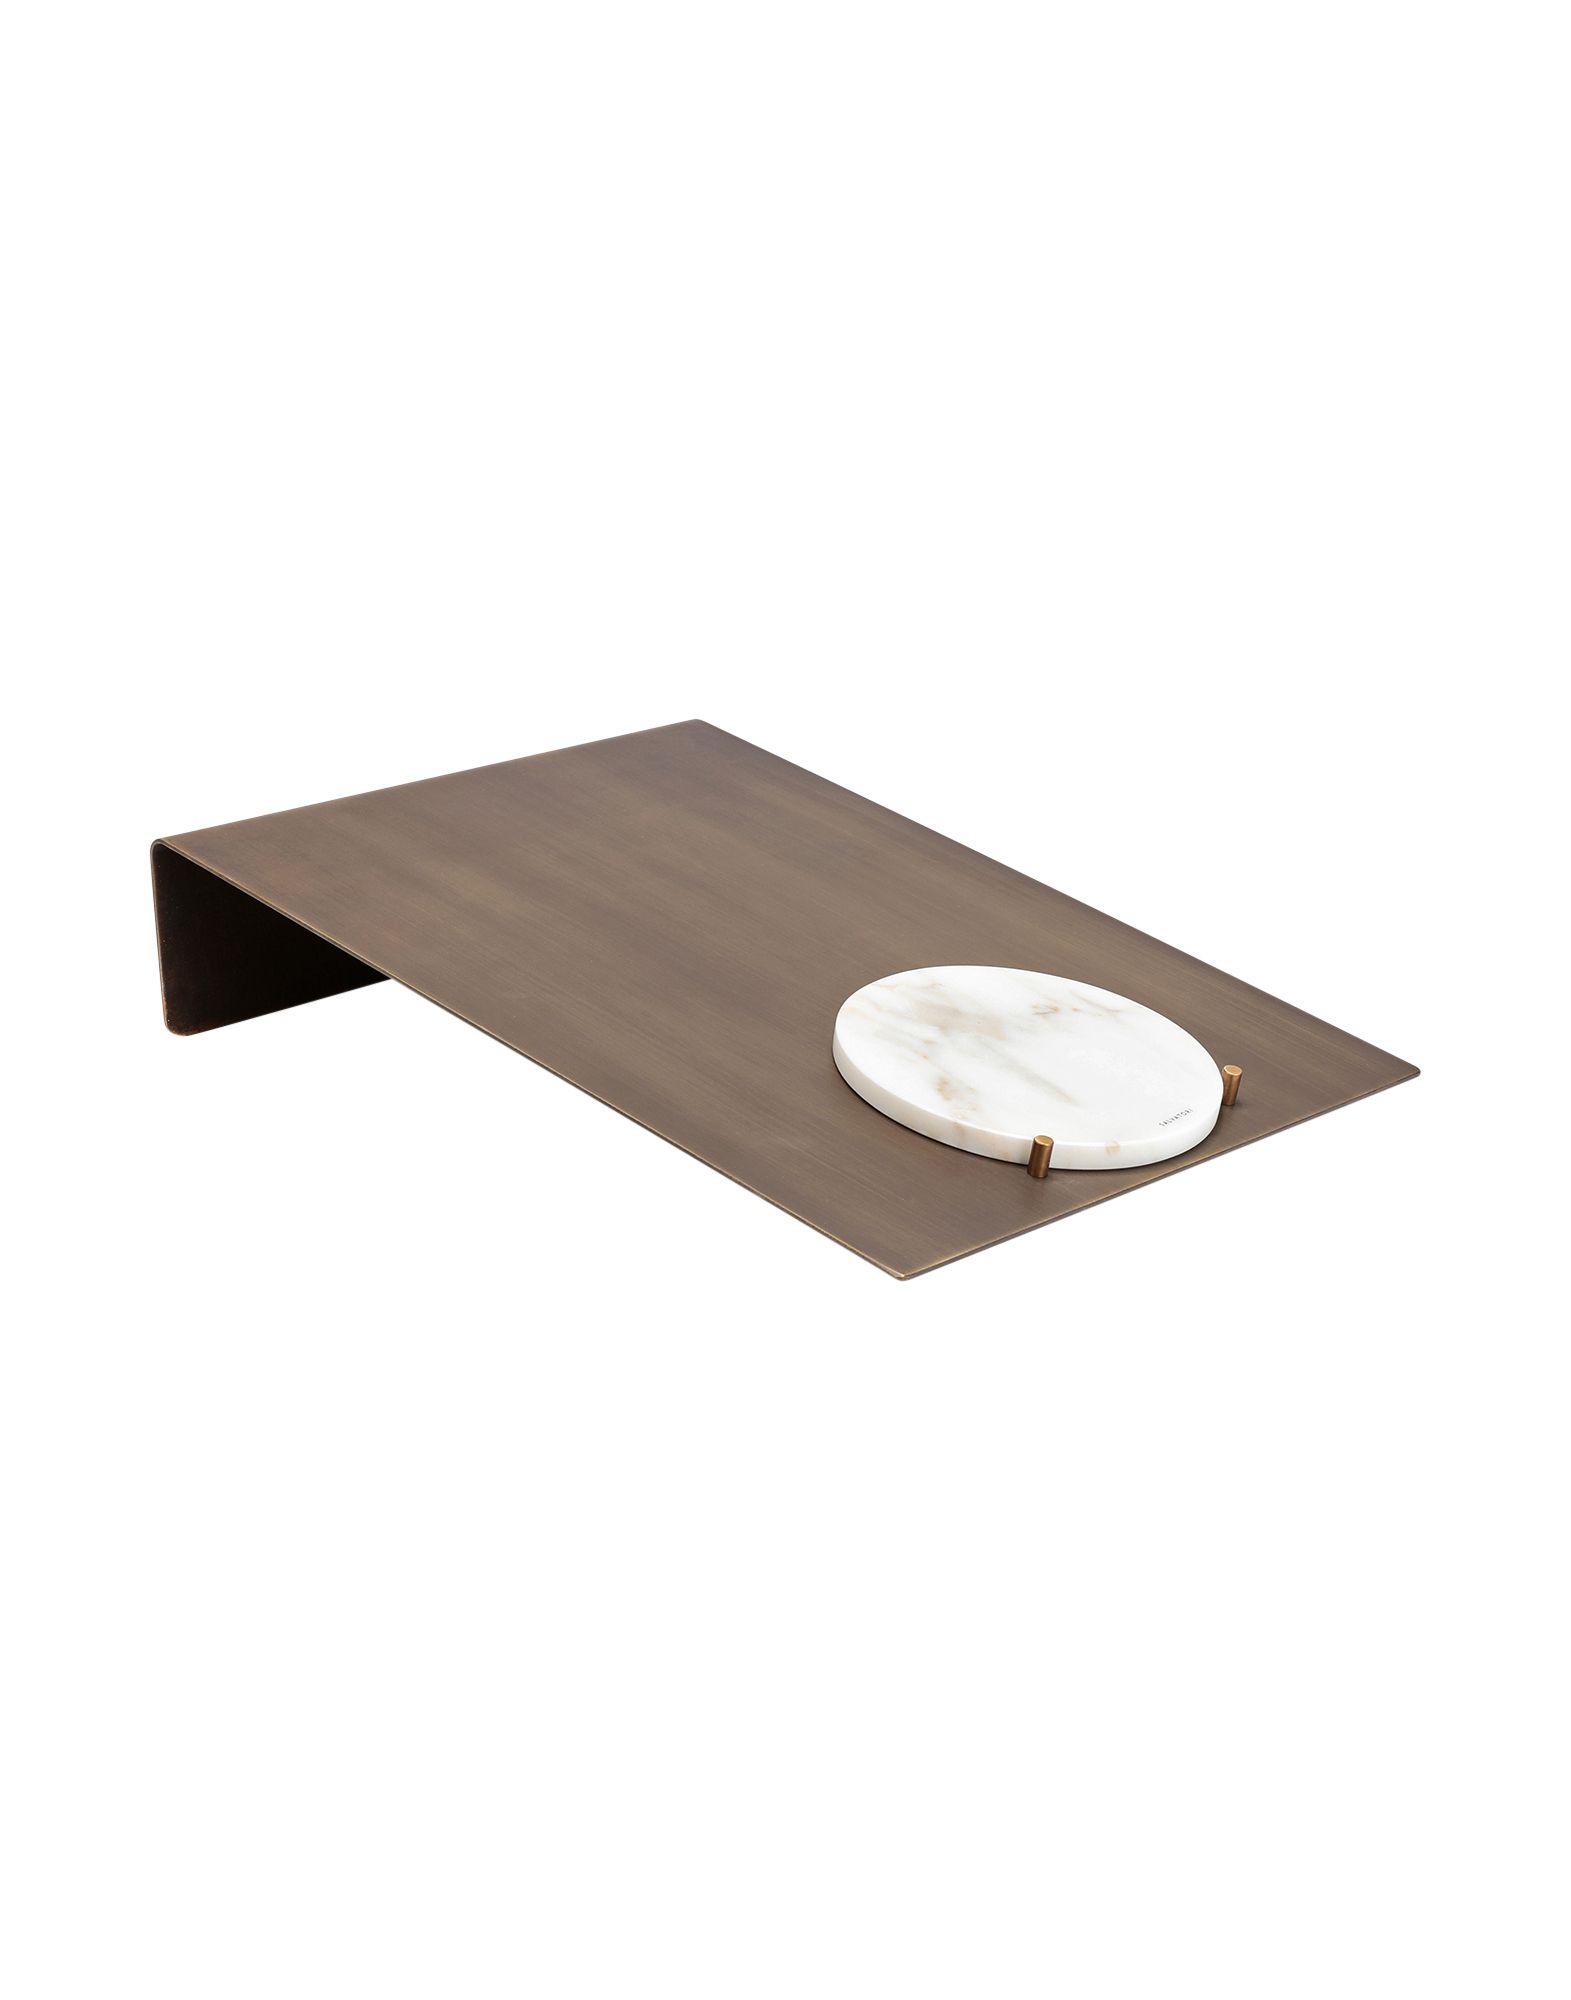 SALVATORI Письменные принадлежности столы письменные 1200х800х750 мм